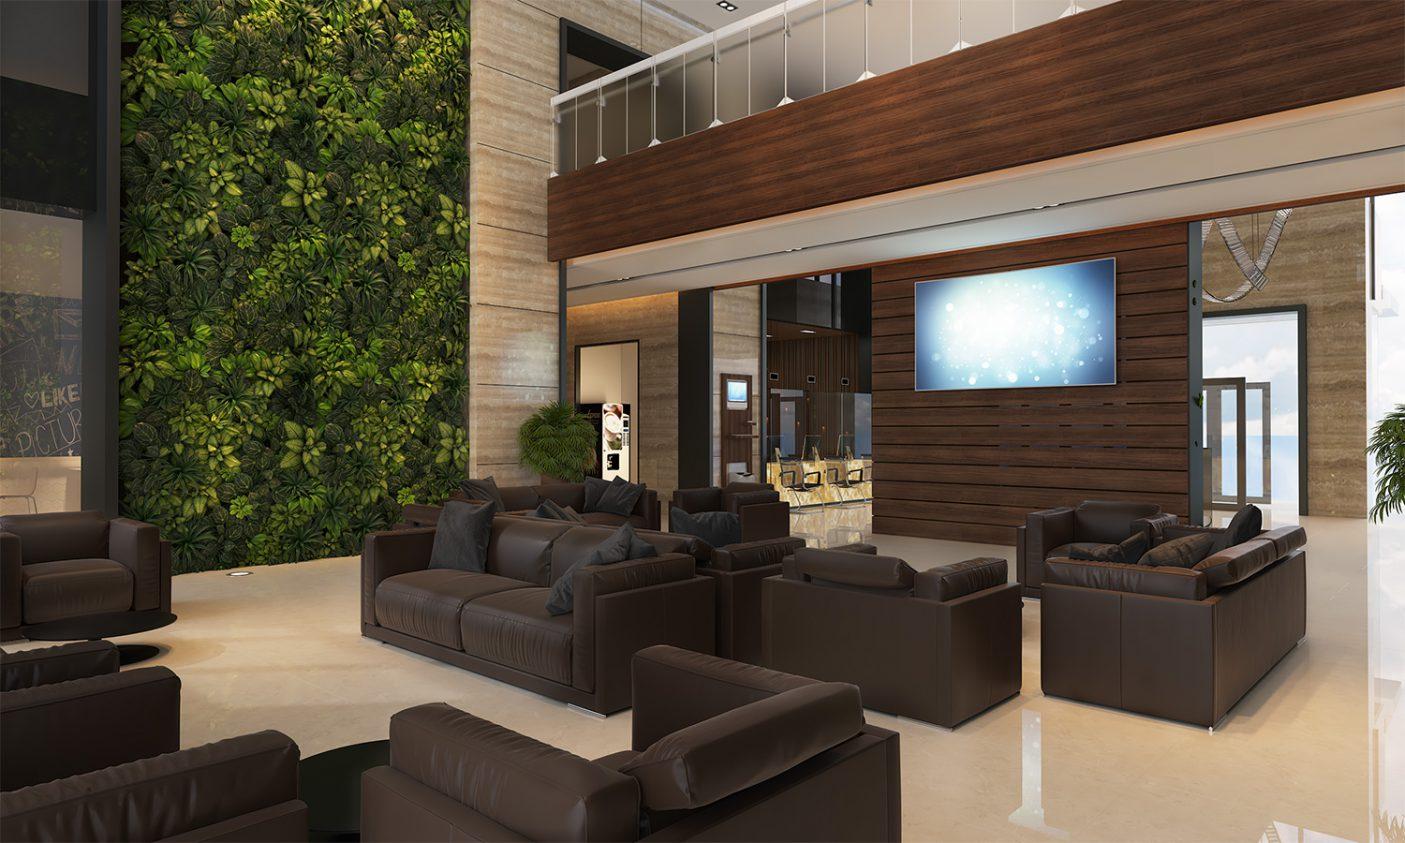 Dubai Interior Designers: The Top 10 Designers You Should Know About dubai interior designers Dubai Interior Designers: The Top 10 Designers You Should Know About QUSAIS MAIN LOBBY 005 1405x843 1